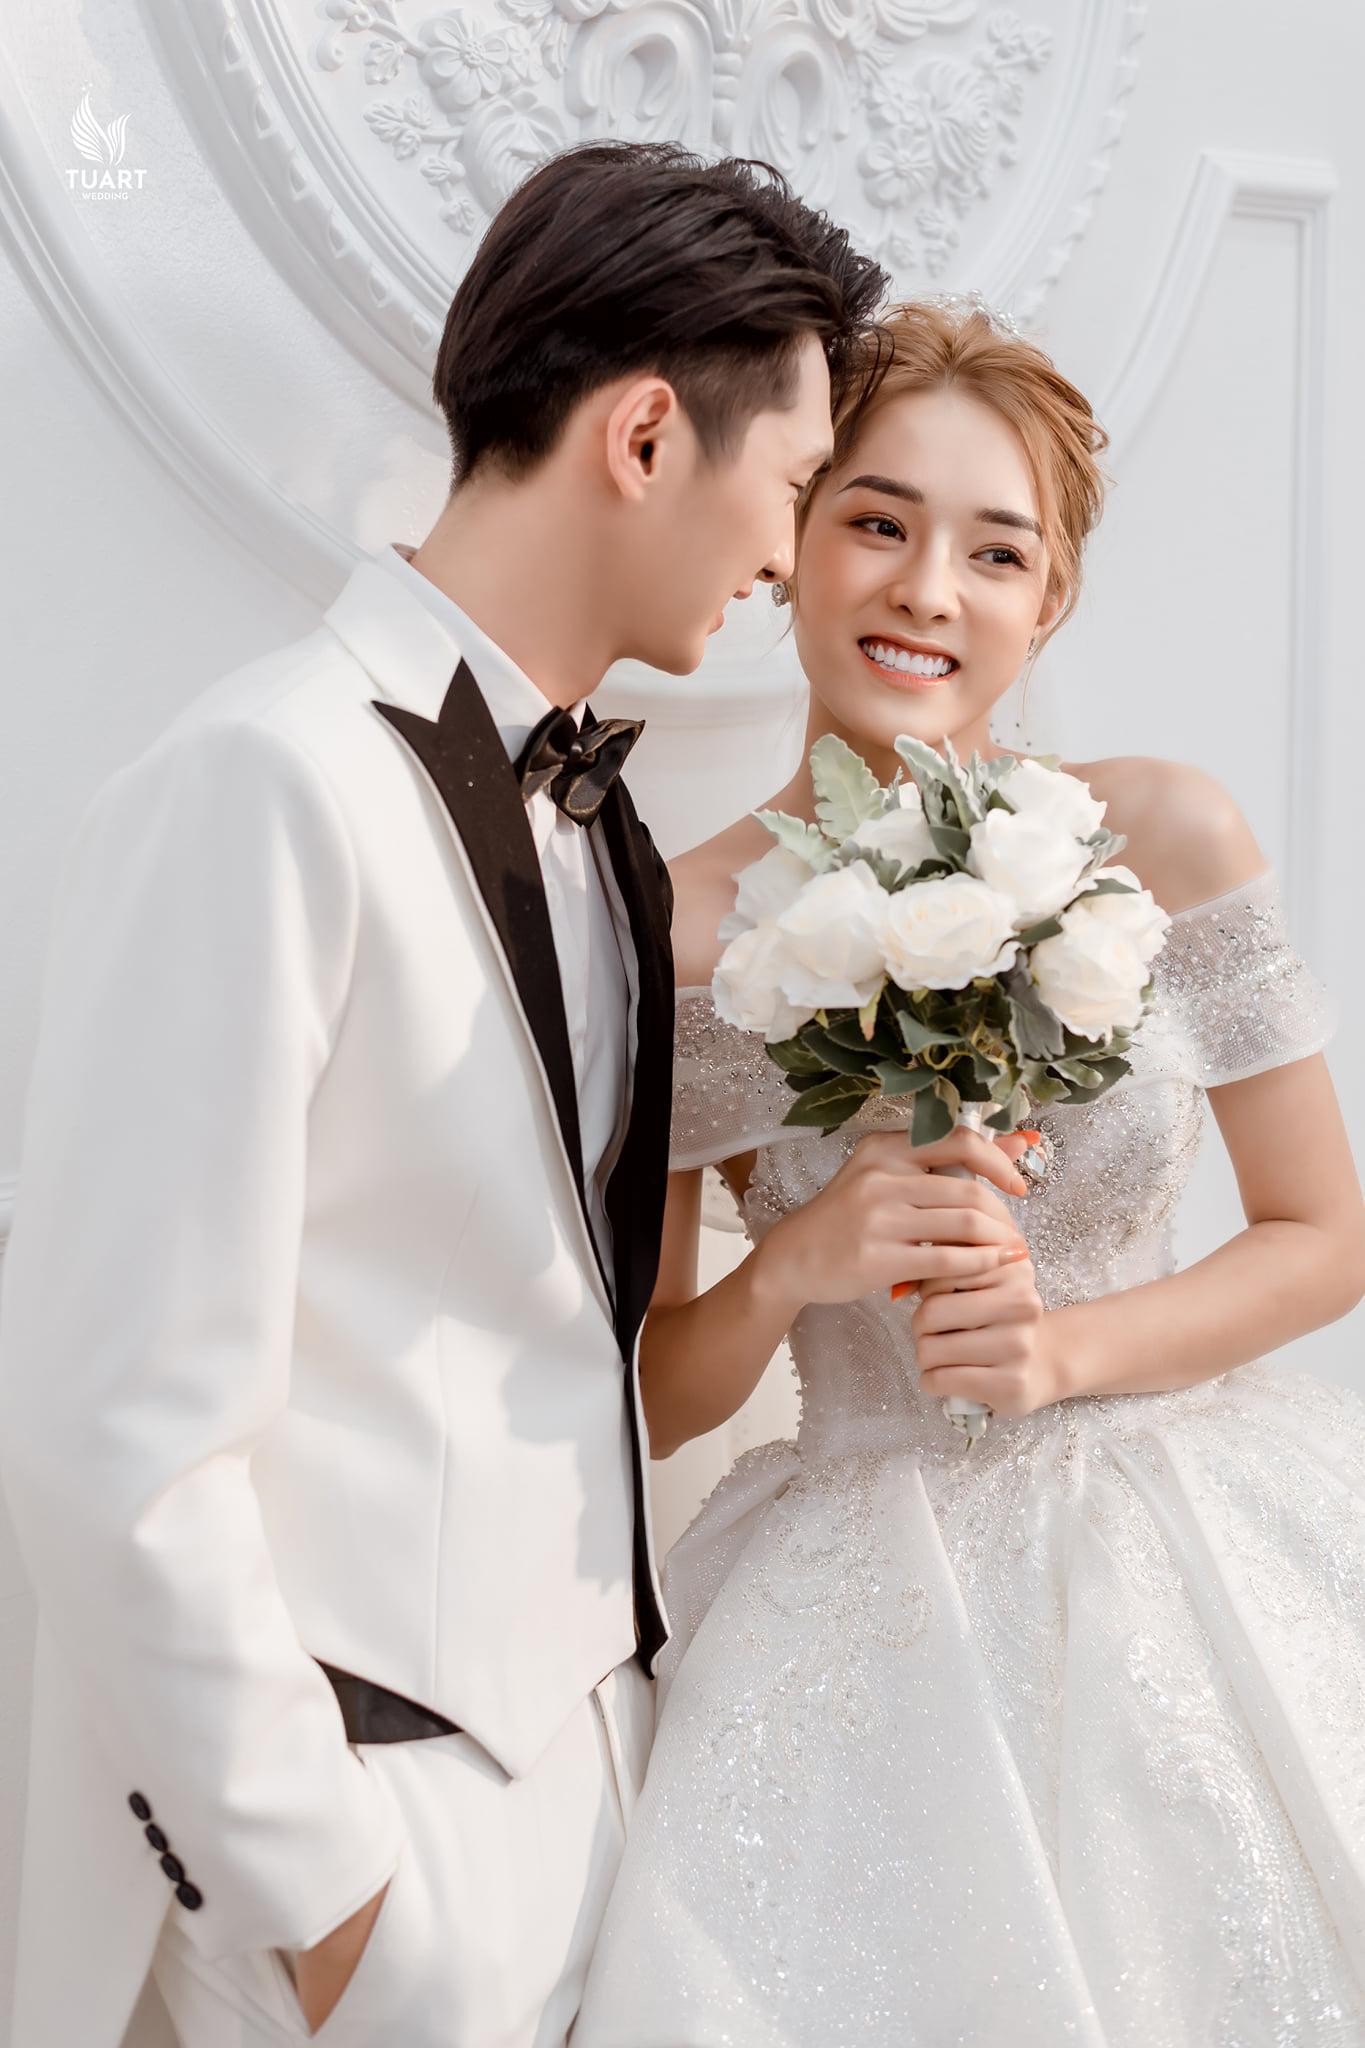 TuArt Galaxy - Album ảnh cưới đẹp tại Hà Nội  36